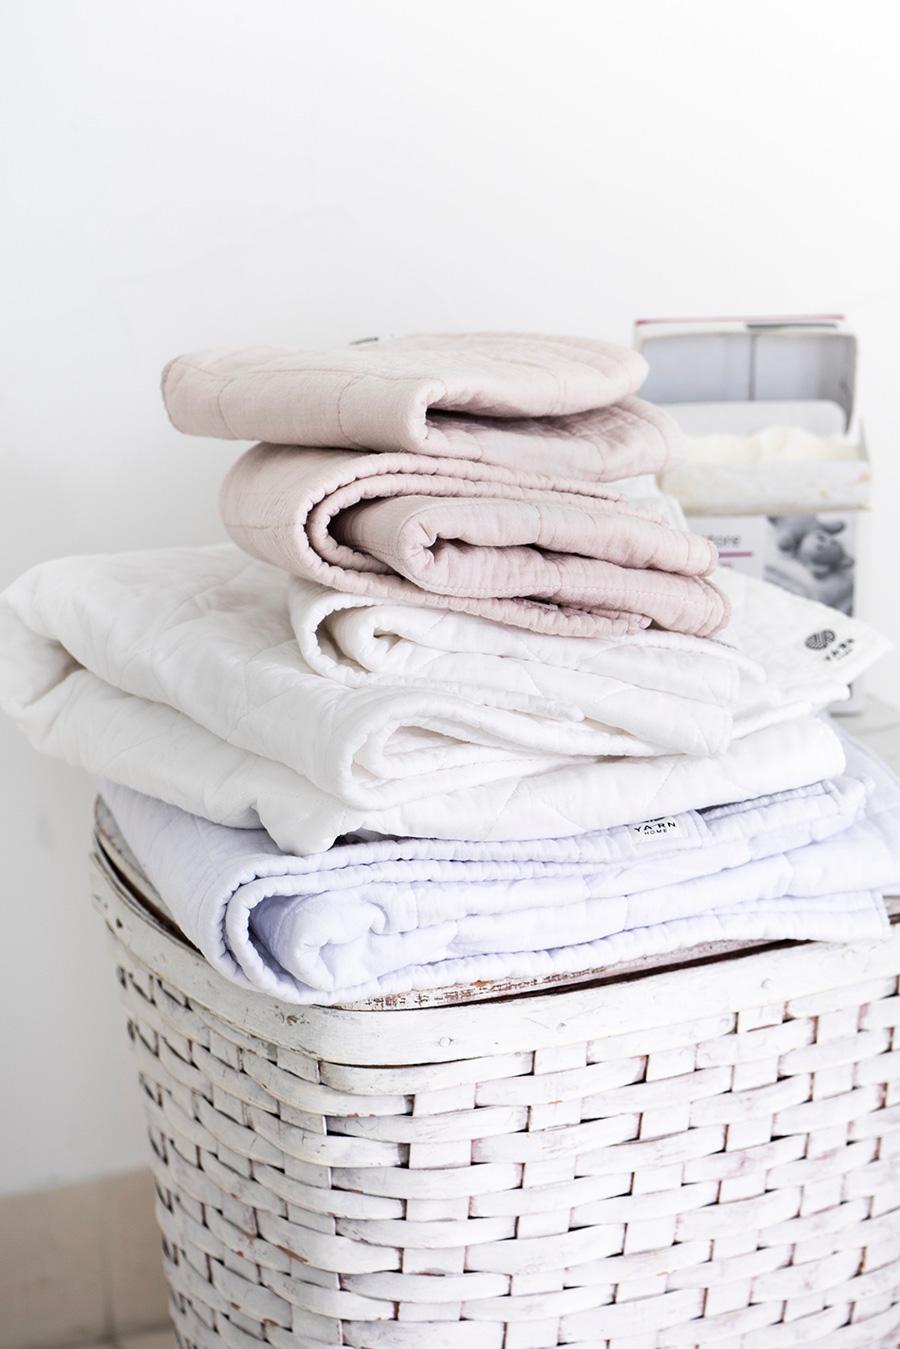 タオルの風合いが保つには。柔軟仕上げ剤を使用すると吸収性が落ち、ガーゼが破れやすくなるので控えて、洗濯ネットを使わないでたっぷりに水で洗濯し自然干しを。薄手で速乾性があるので、室内干しでも生乾き臭の心配がない。